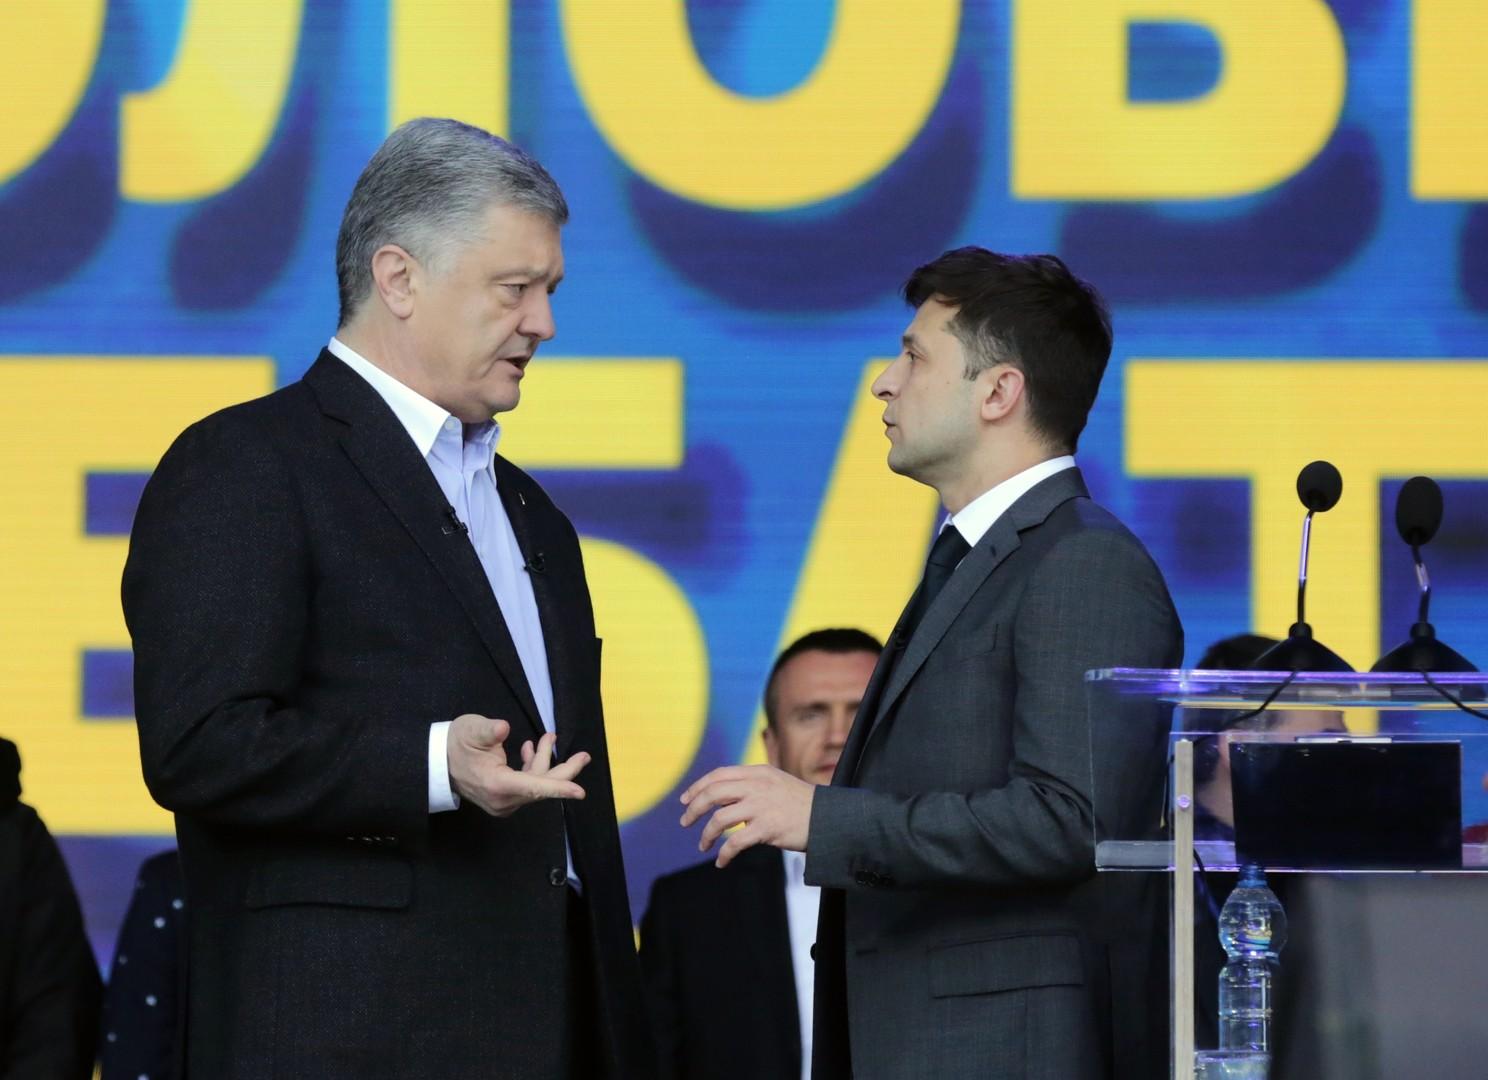 المناظرة بين بيترو بوروشينكو ومنافسه فلاديمير زيلينسكي